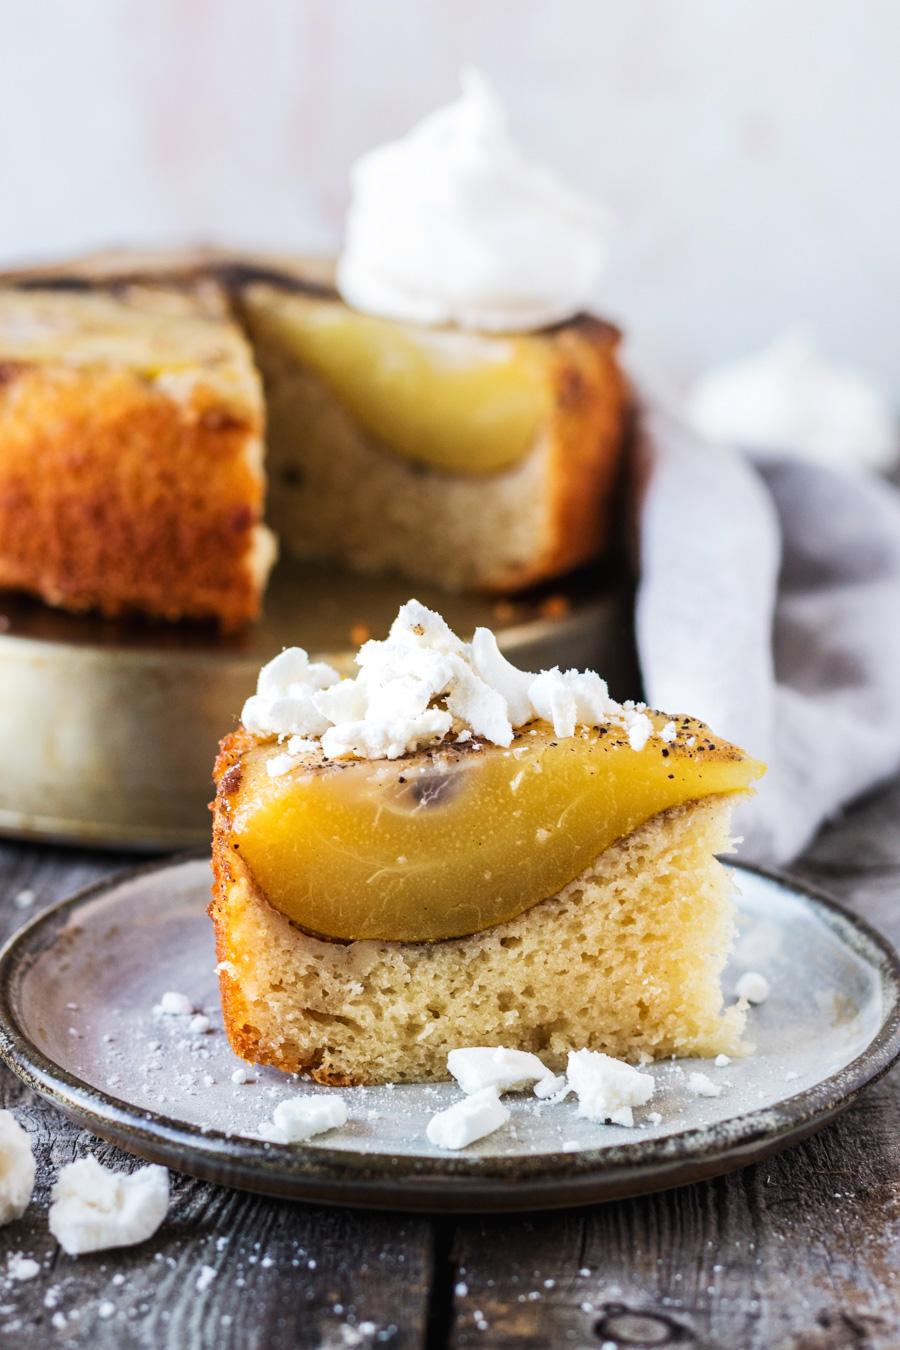 Vegan Cardamom Pear Upside-Down Cake